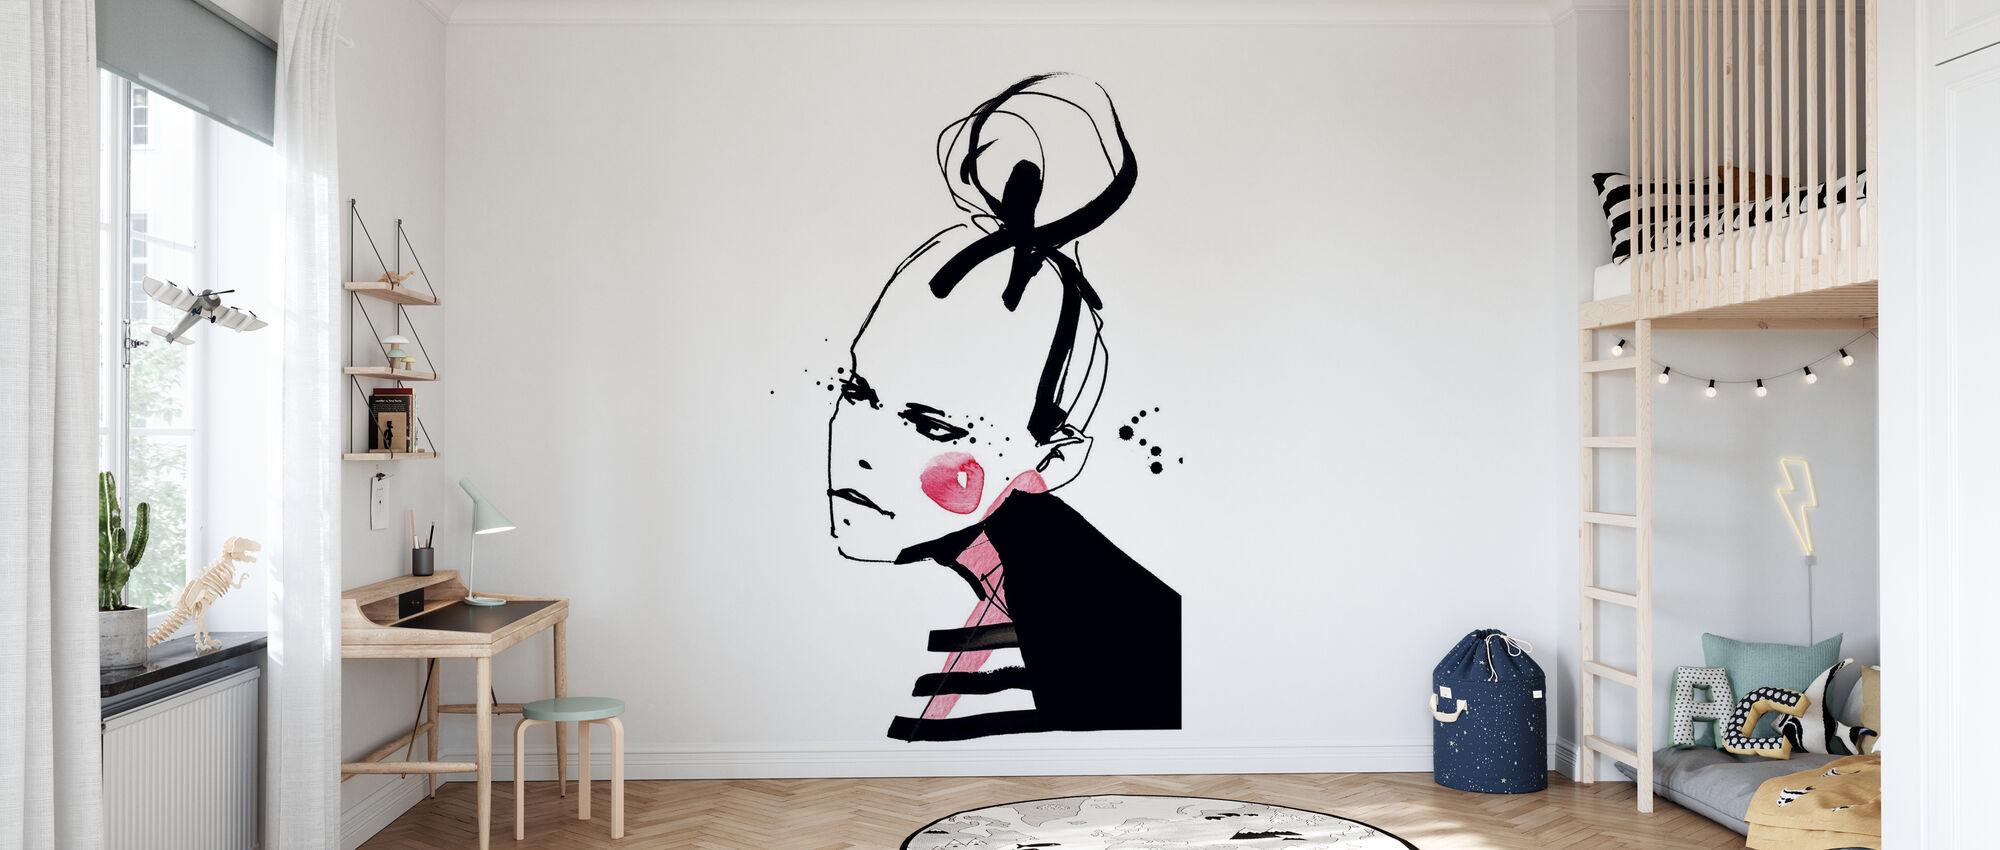 Chica Rouge - Papel pintado - Cuarto de niños